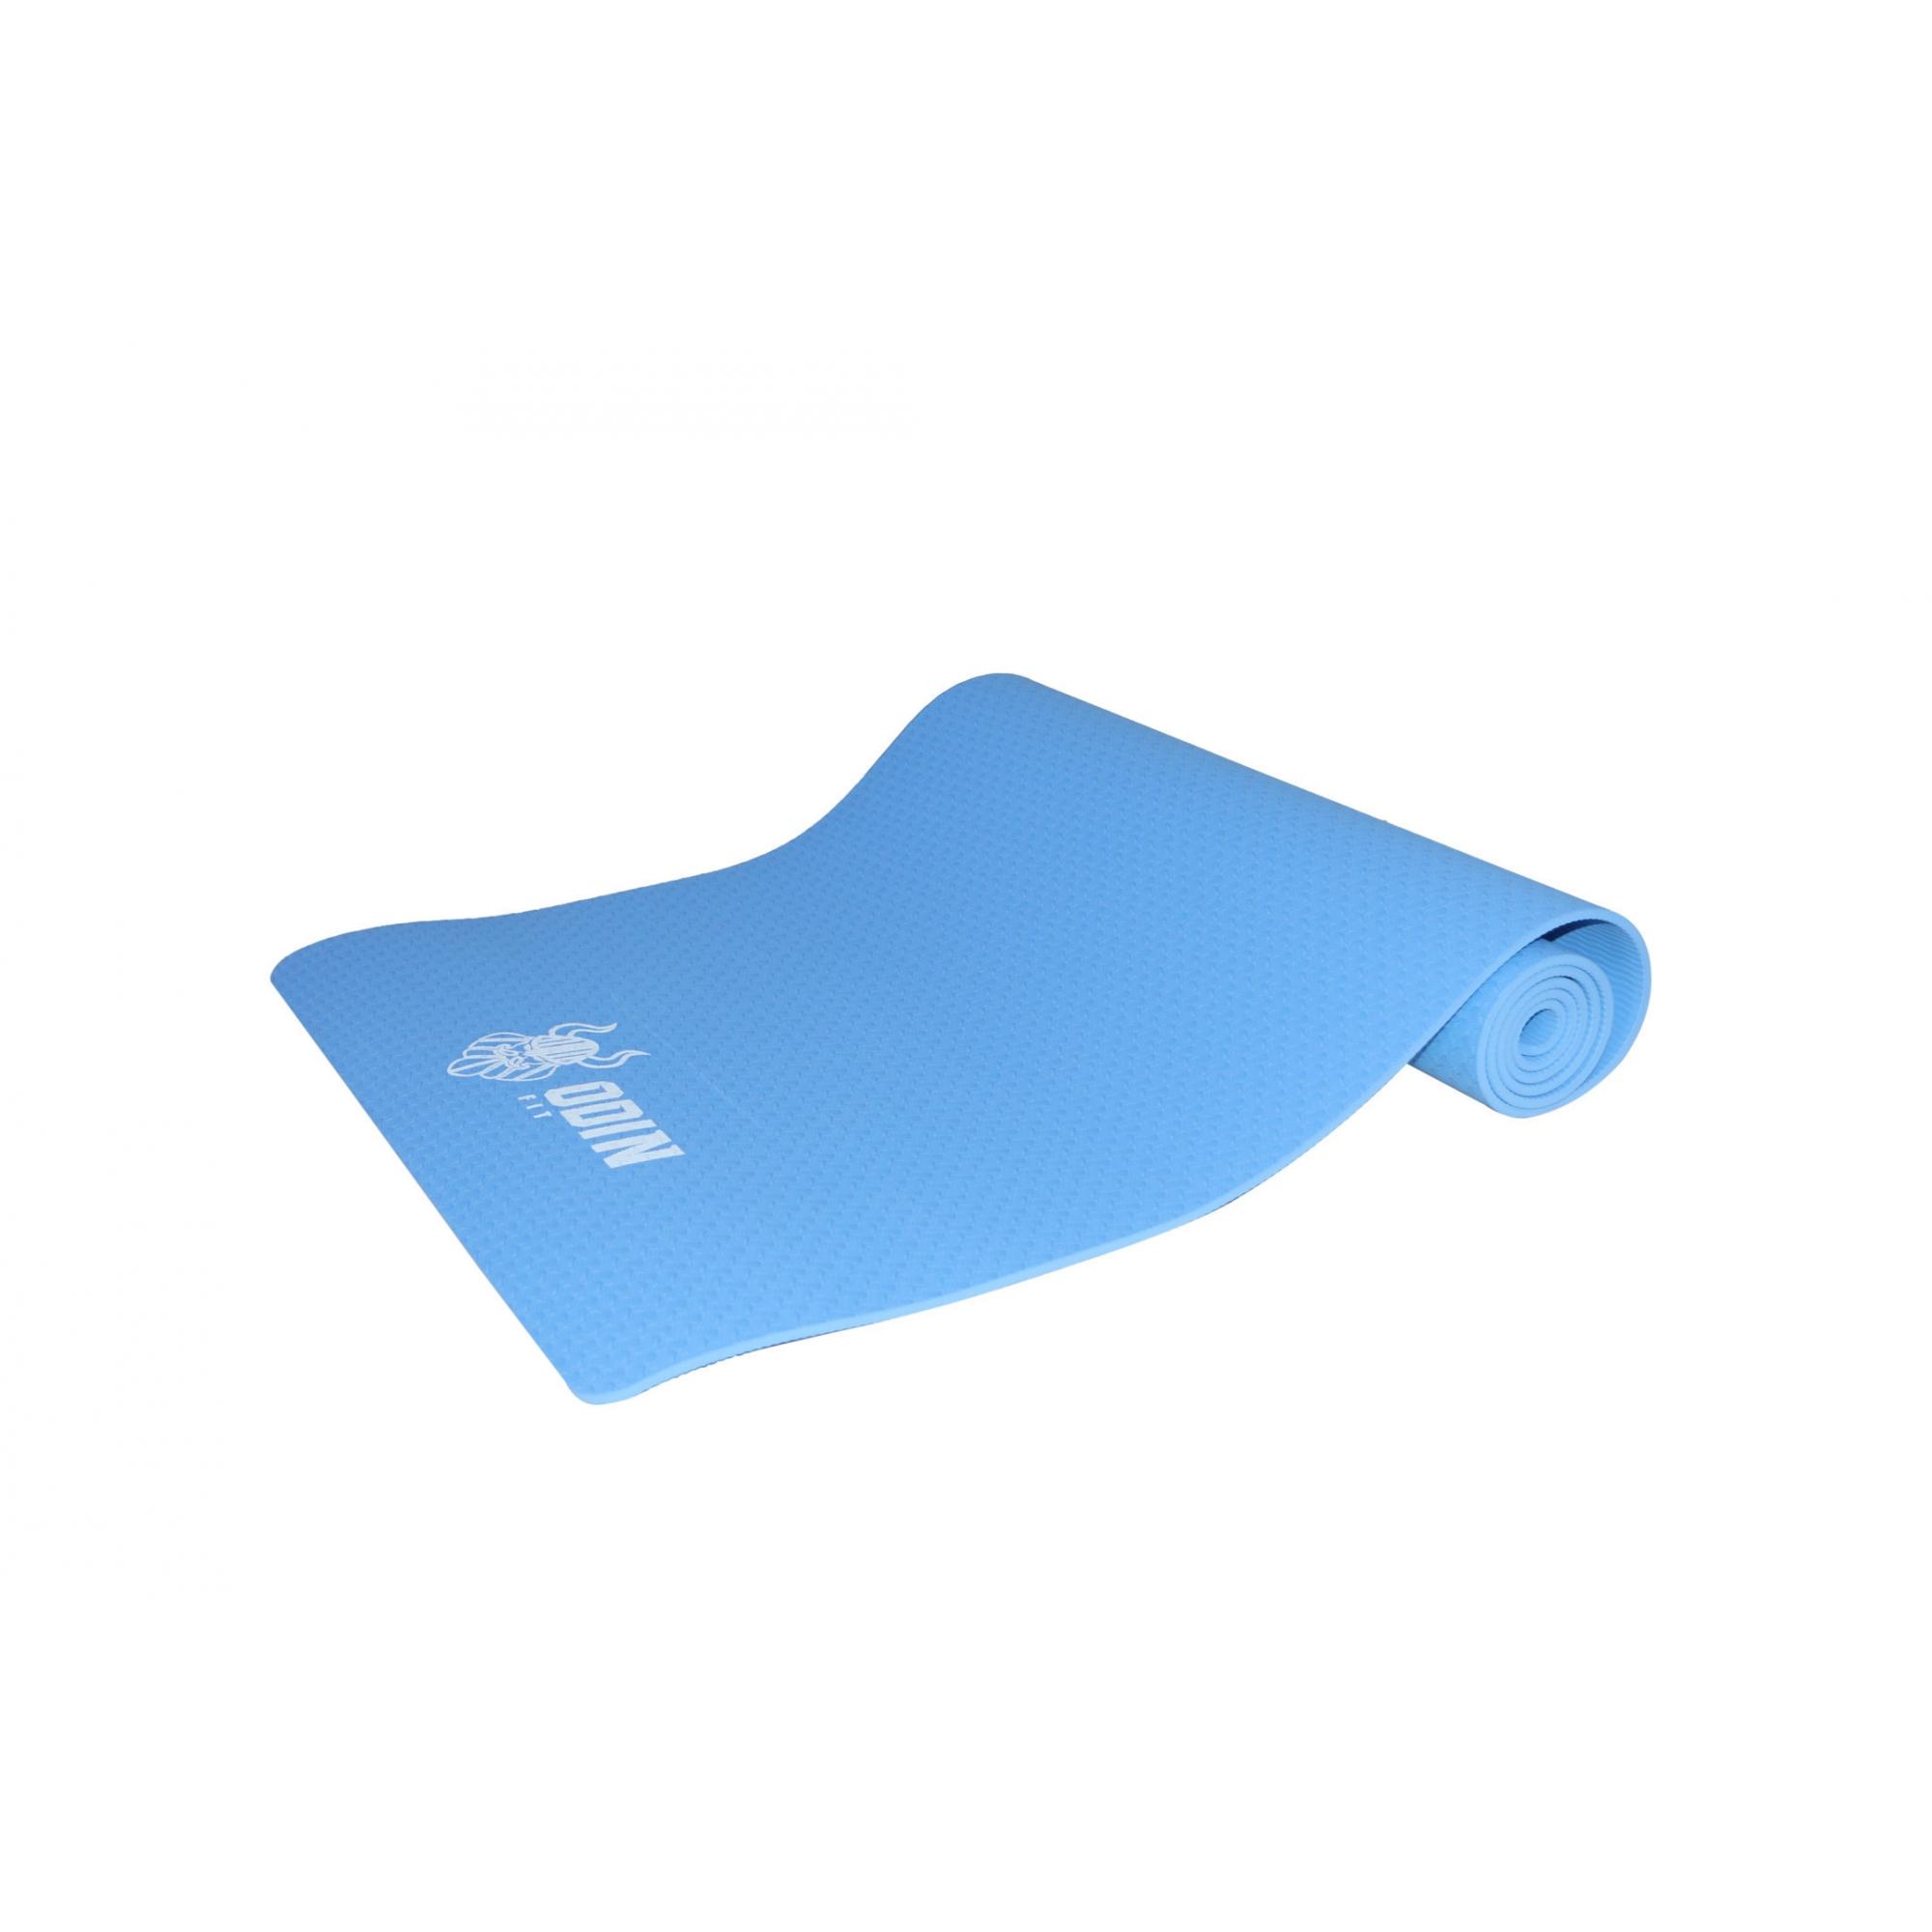 Tapete para Yoga e Pilates em TPE 6mm exercício - Odin Fit